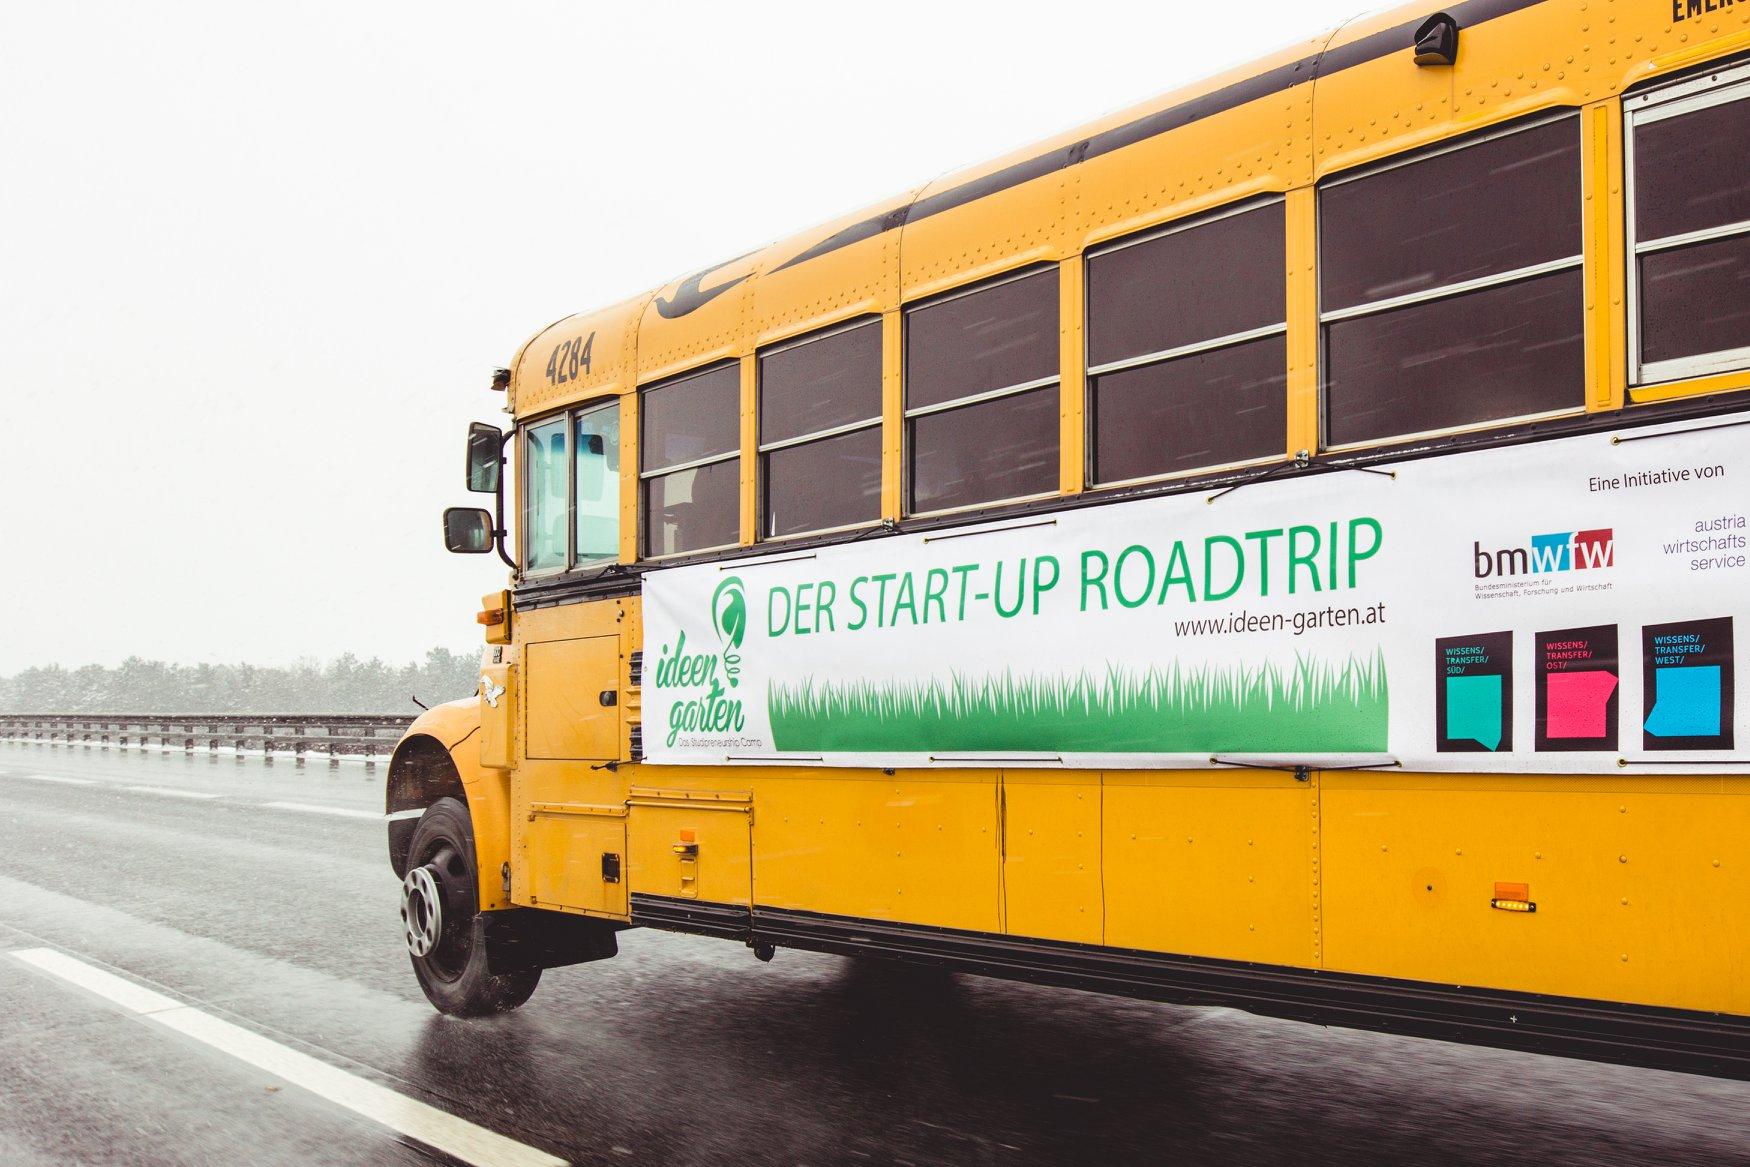 Roadtrip Bus